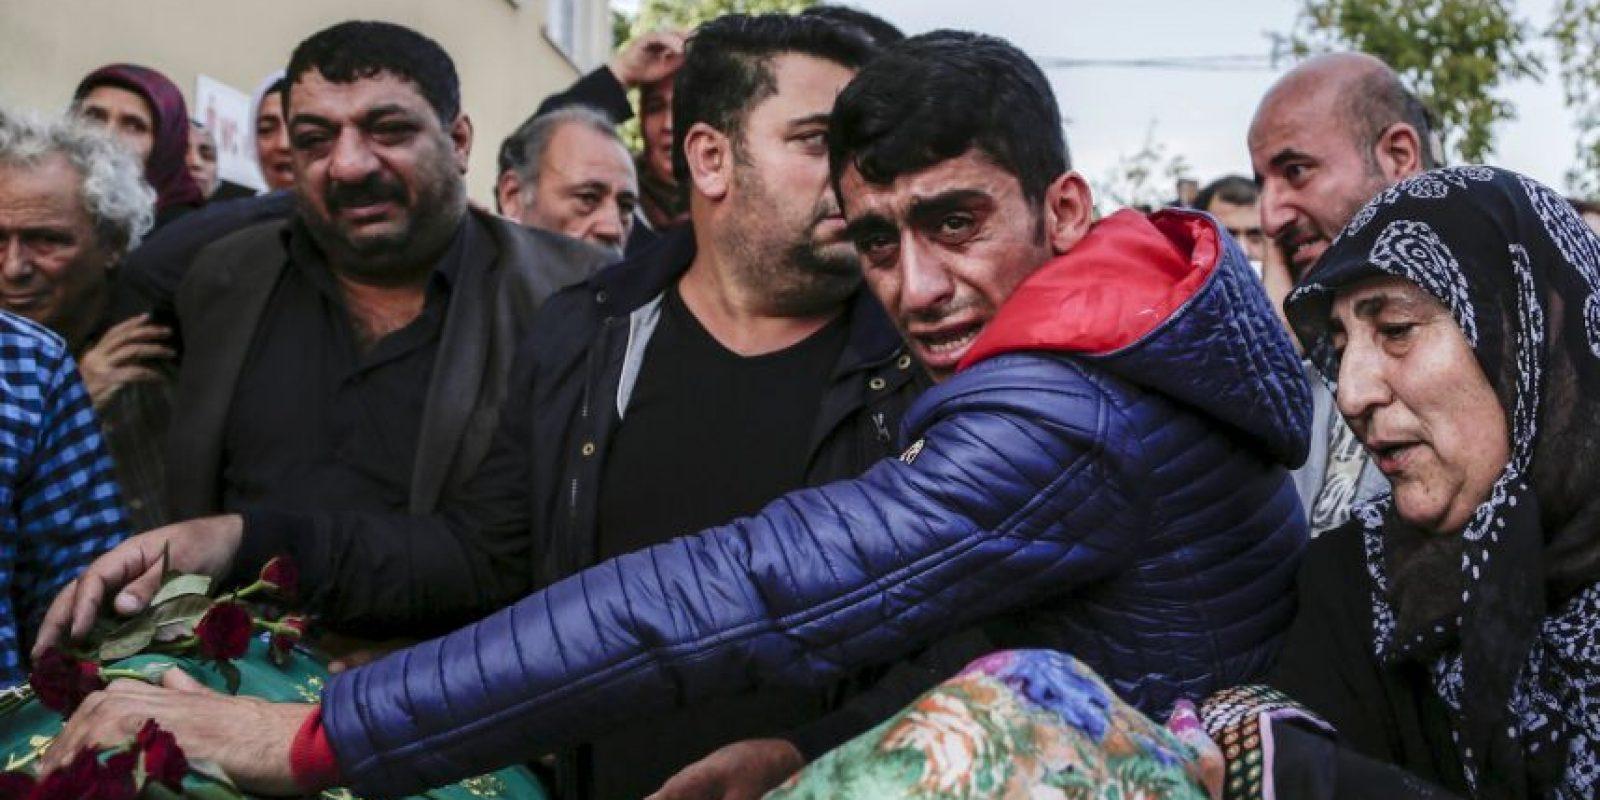 Existen distintos sospechosos, pero el gobierno turco cree con certeza que los autores están ligados a Estado Islámico. Foto:AFP